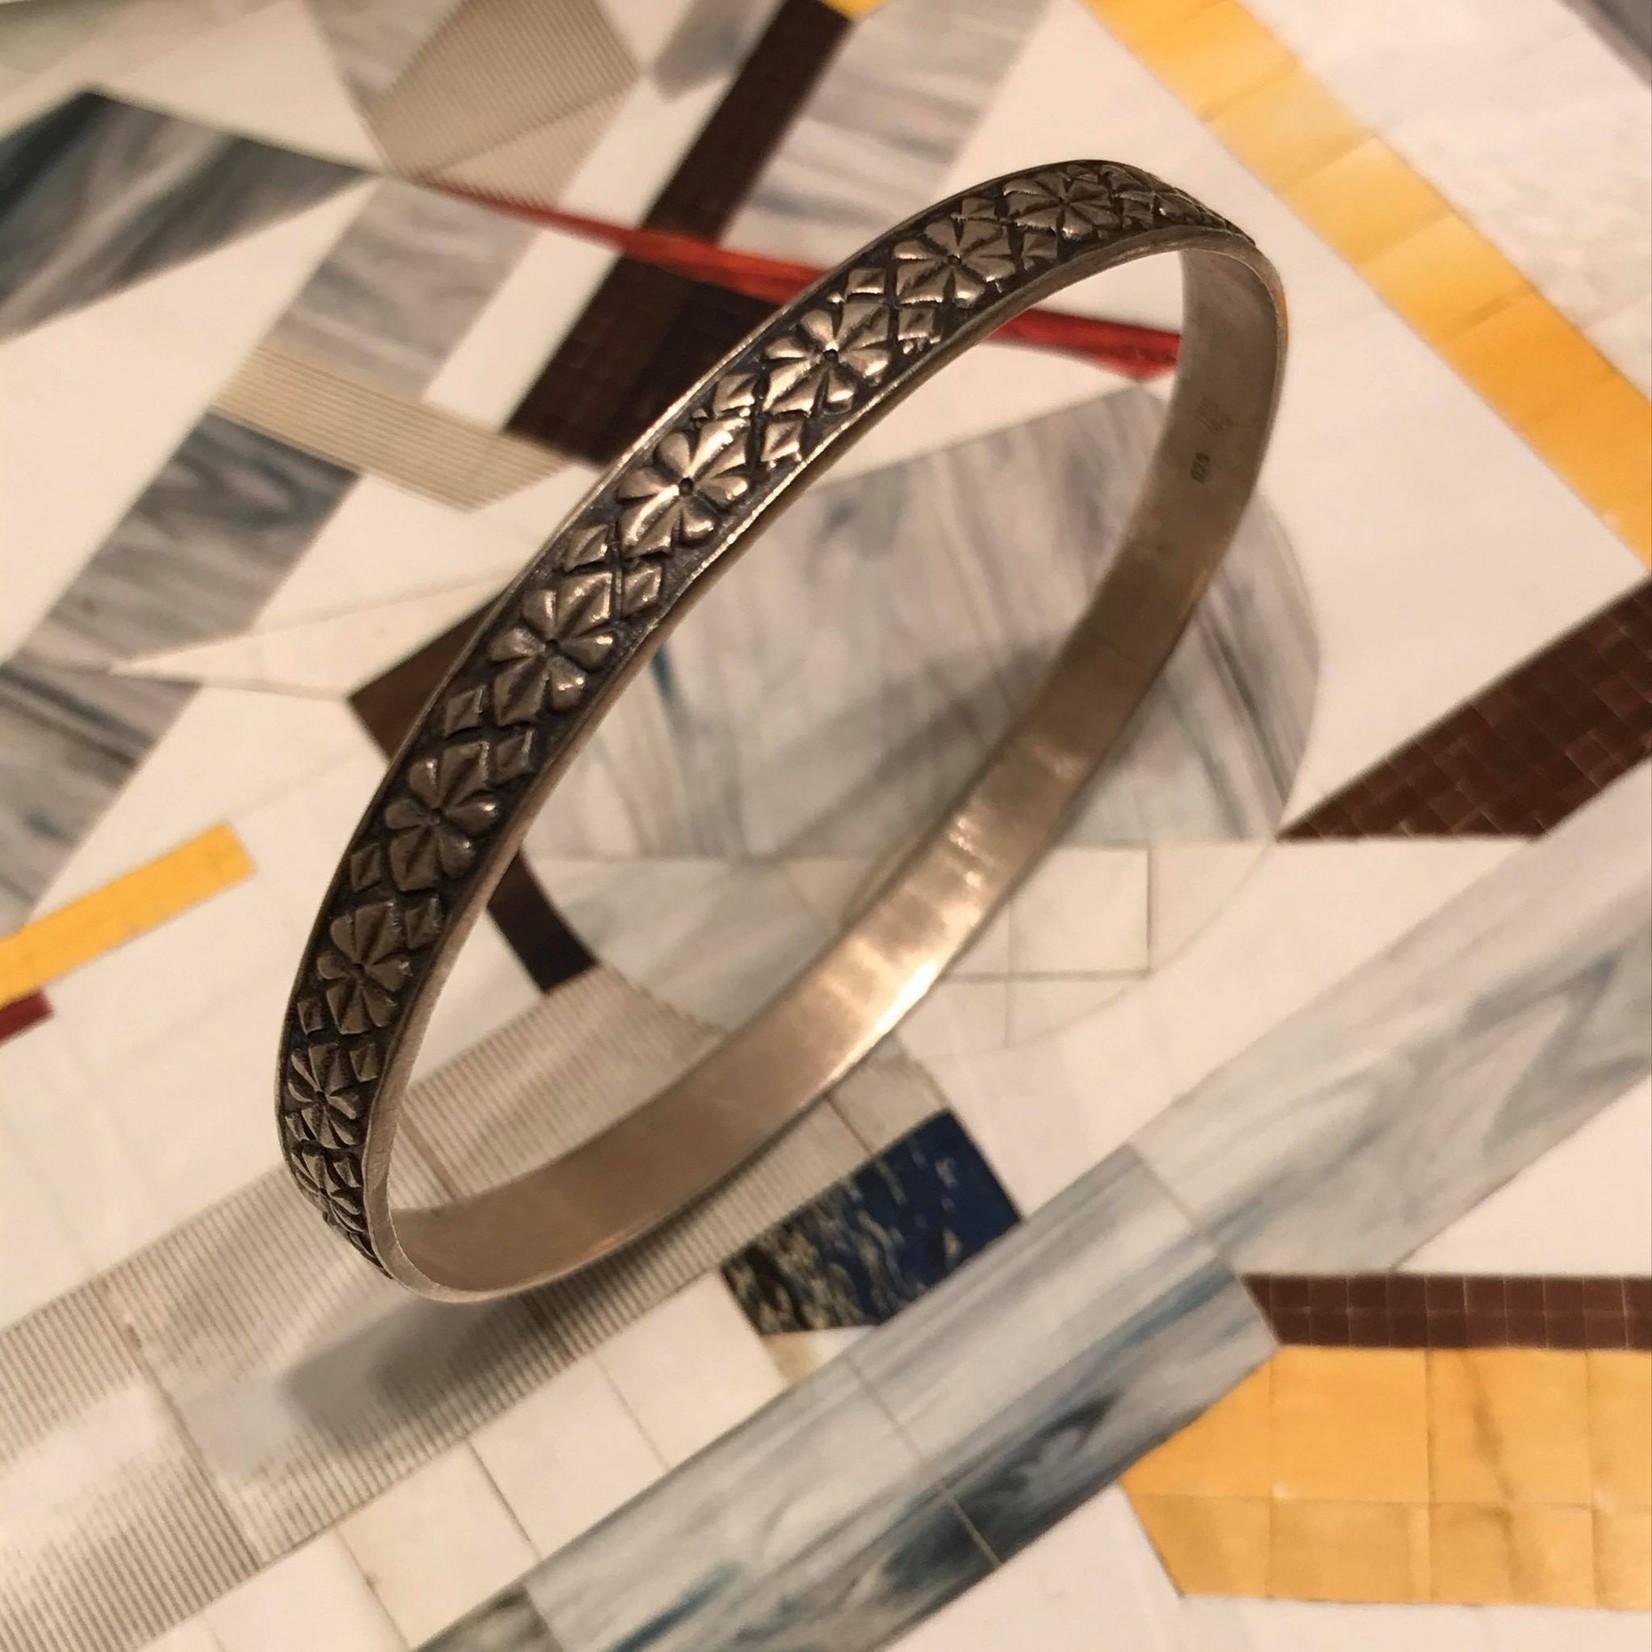 Himatsingka Jewelry Himatsingka Jewelry Frieze Silver Bangle